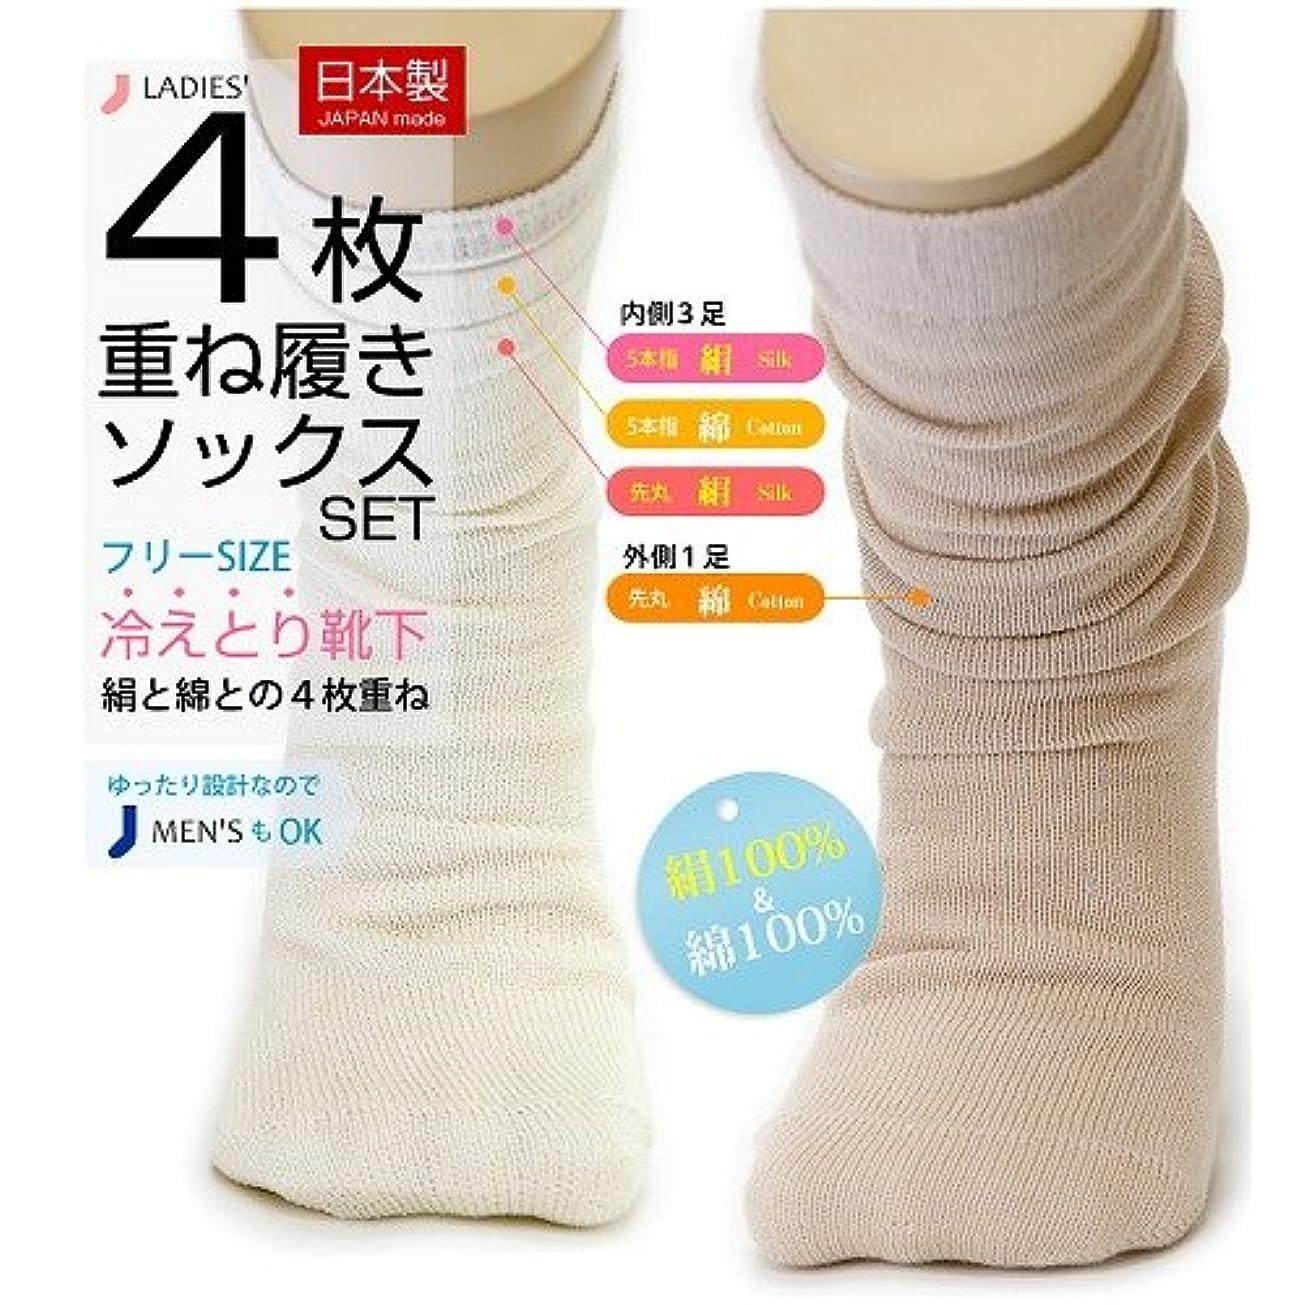 ドライバマオリ慎重に冷え取り靴下 綿100%とシルク100% 最高級の日本製 4枚重ねばきセット(外側チャコール)